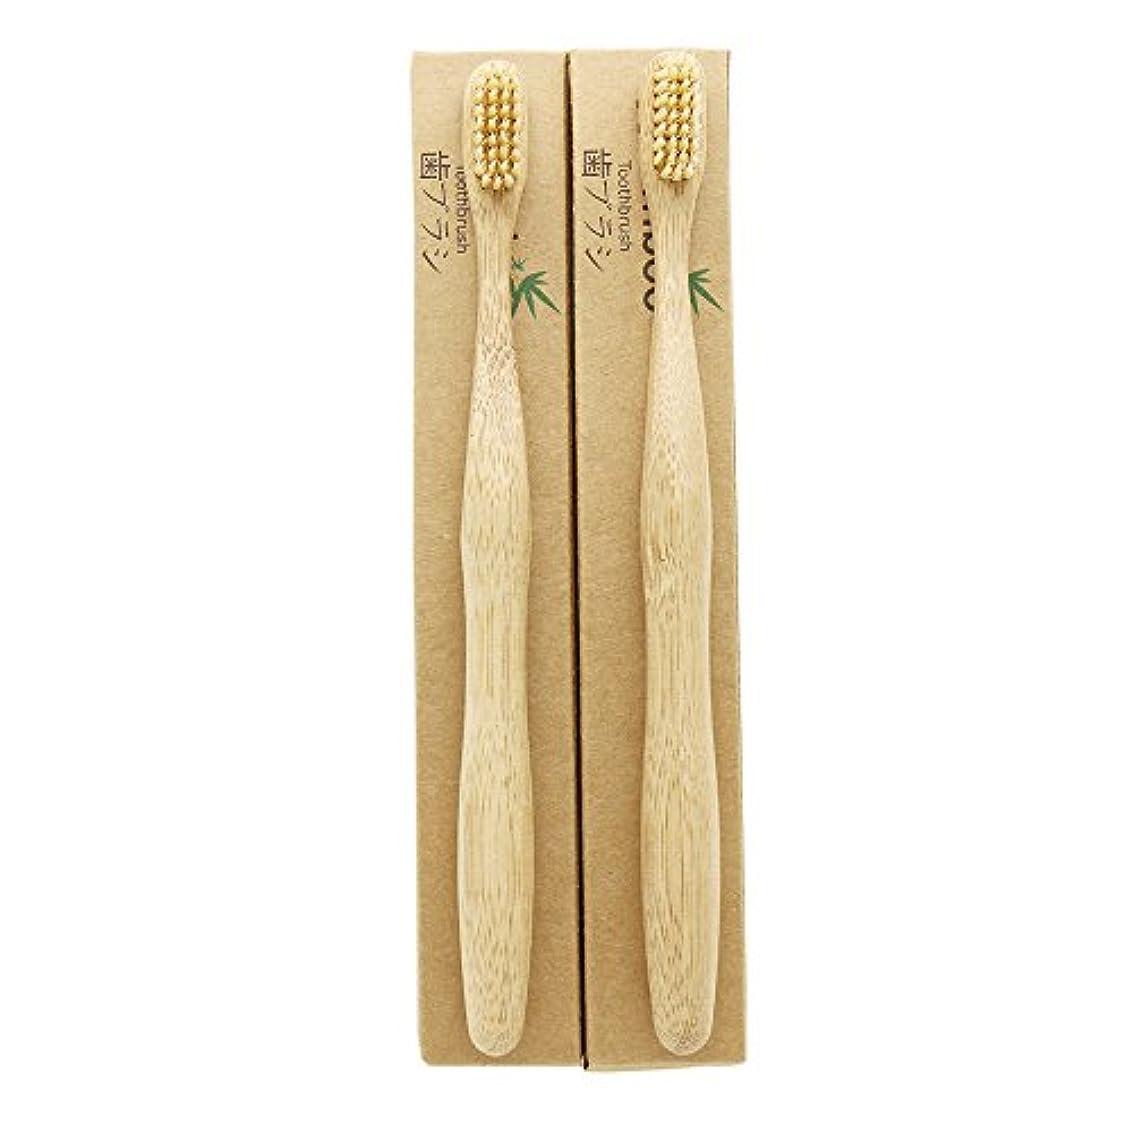 膜ノイズ人間N-amboo 竹製耐久度高い 歯ブラシ ハンドル大きい 2本入りセット ベージュ